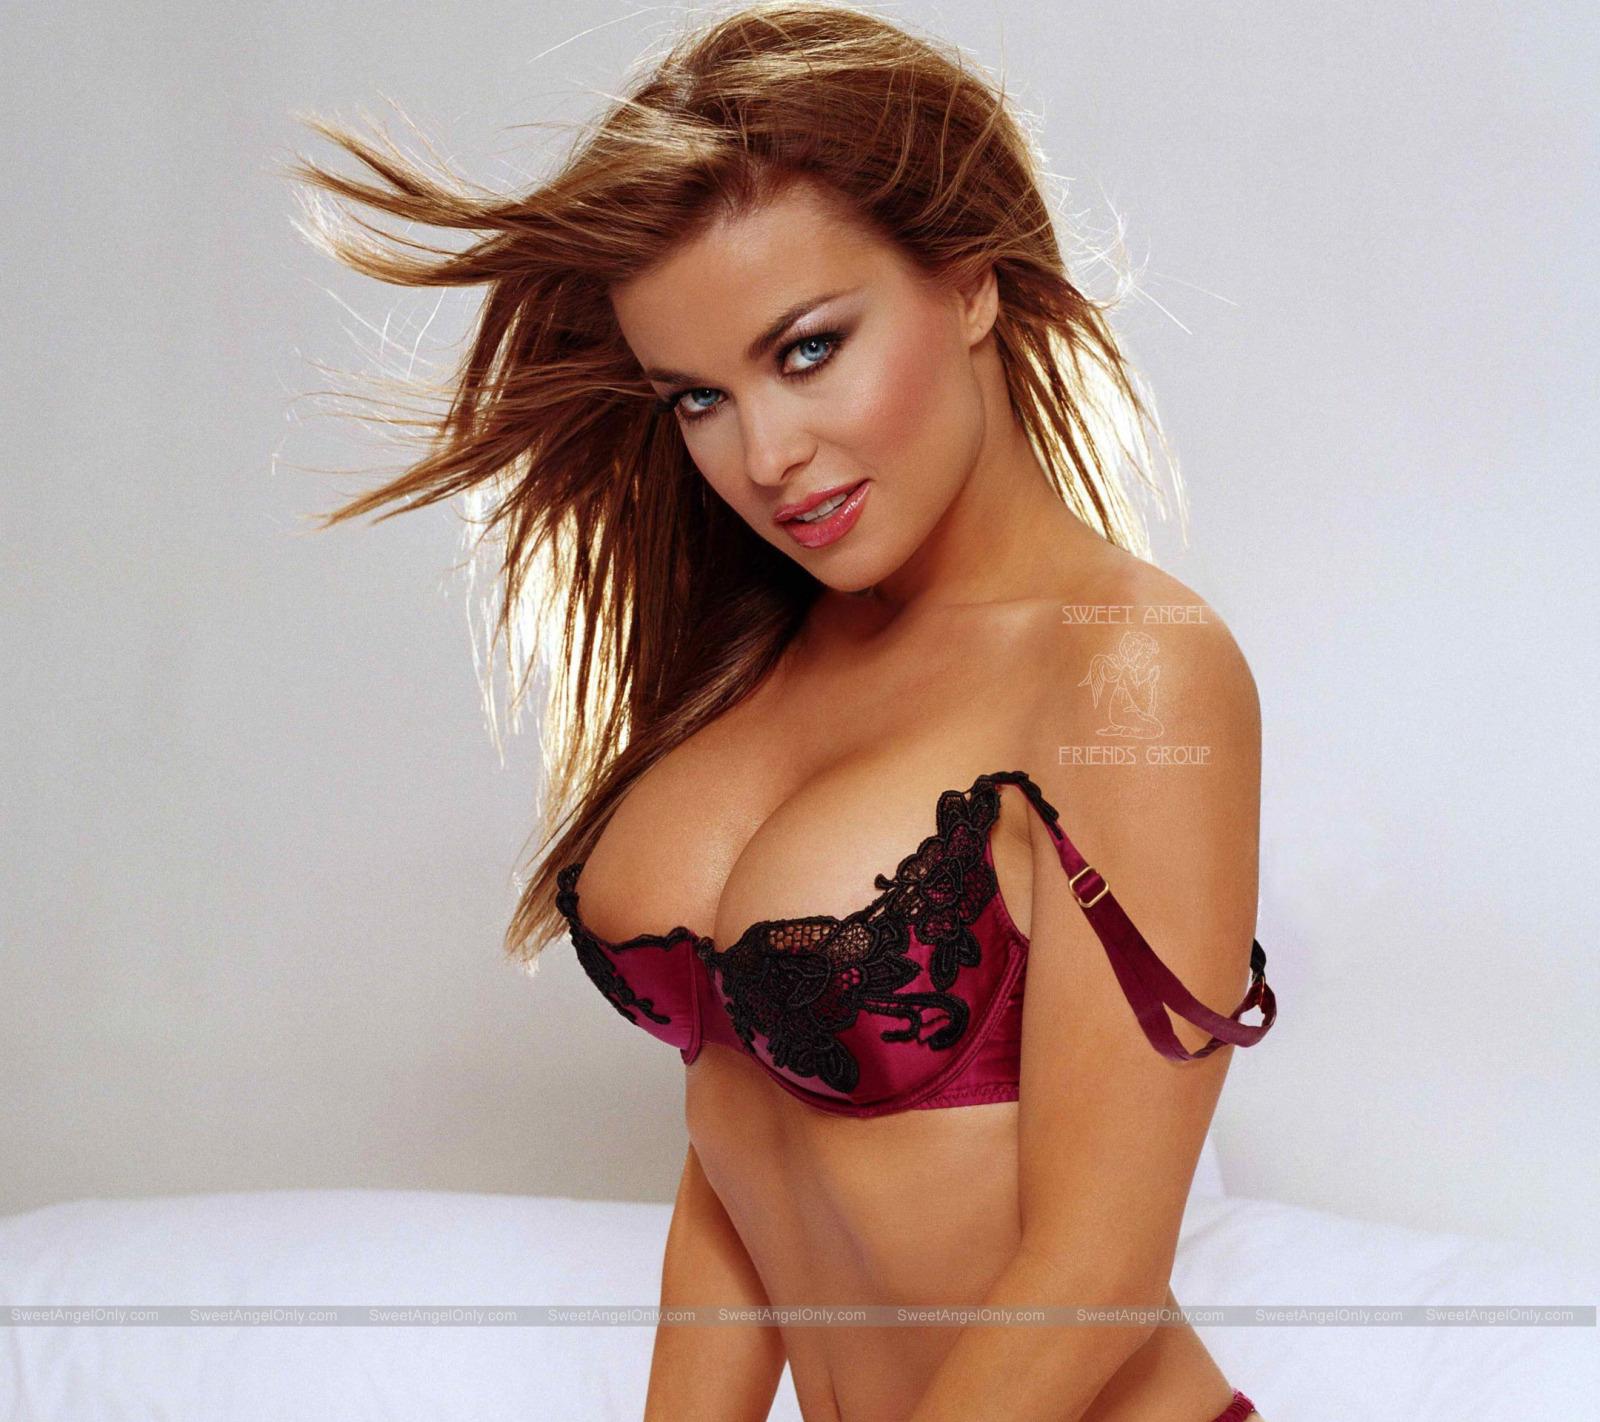 http://4.bp.blogspot.com/-3XQSW2RbITo/TVqPT1T4ozI/AAAAAAAAAXo/jl6FbXt5cyk/s1600/carmen_electra_hot_Actress_wallpapers_10.jpg